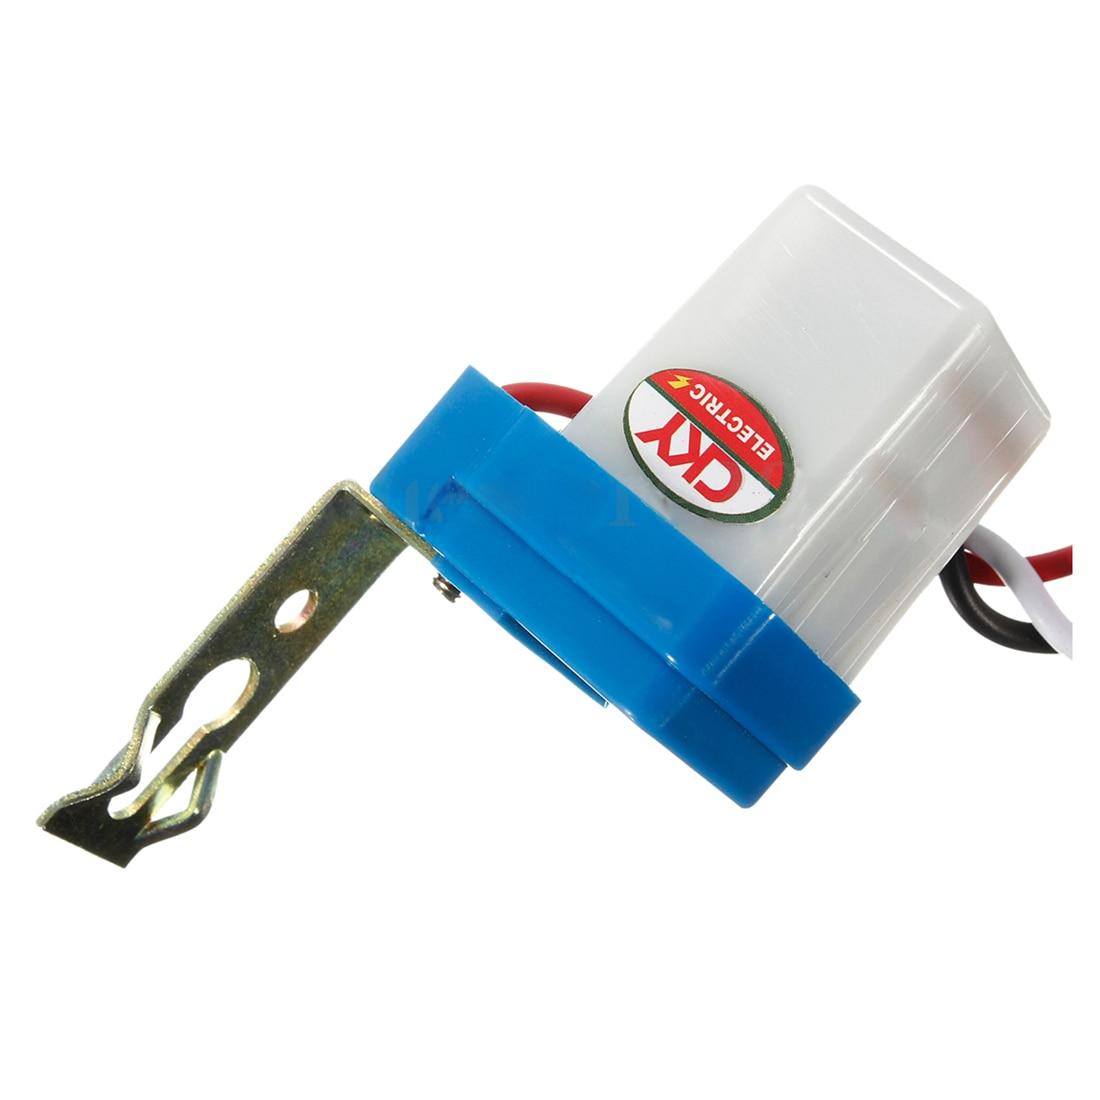 цена на 10Pcs Auto On Off Photocell Street Light Photoswitch Sensor Switch AC/DC 12V 10A